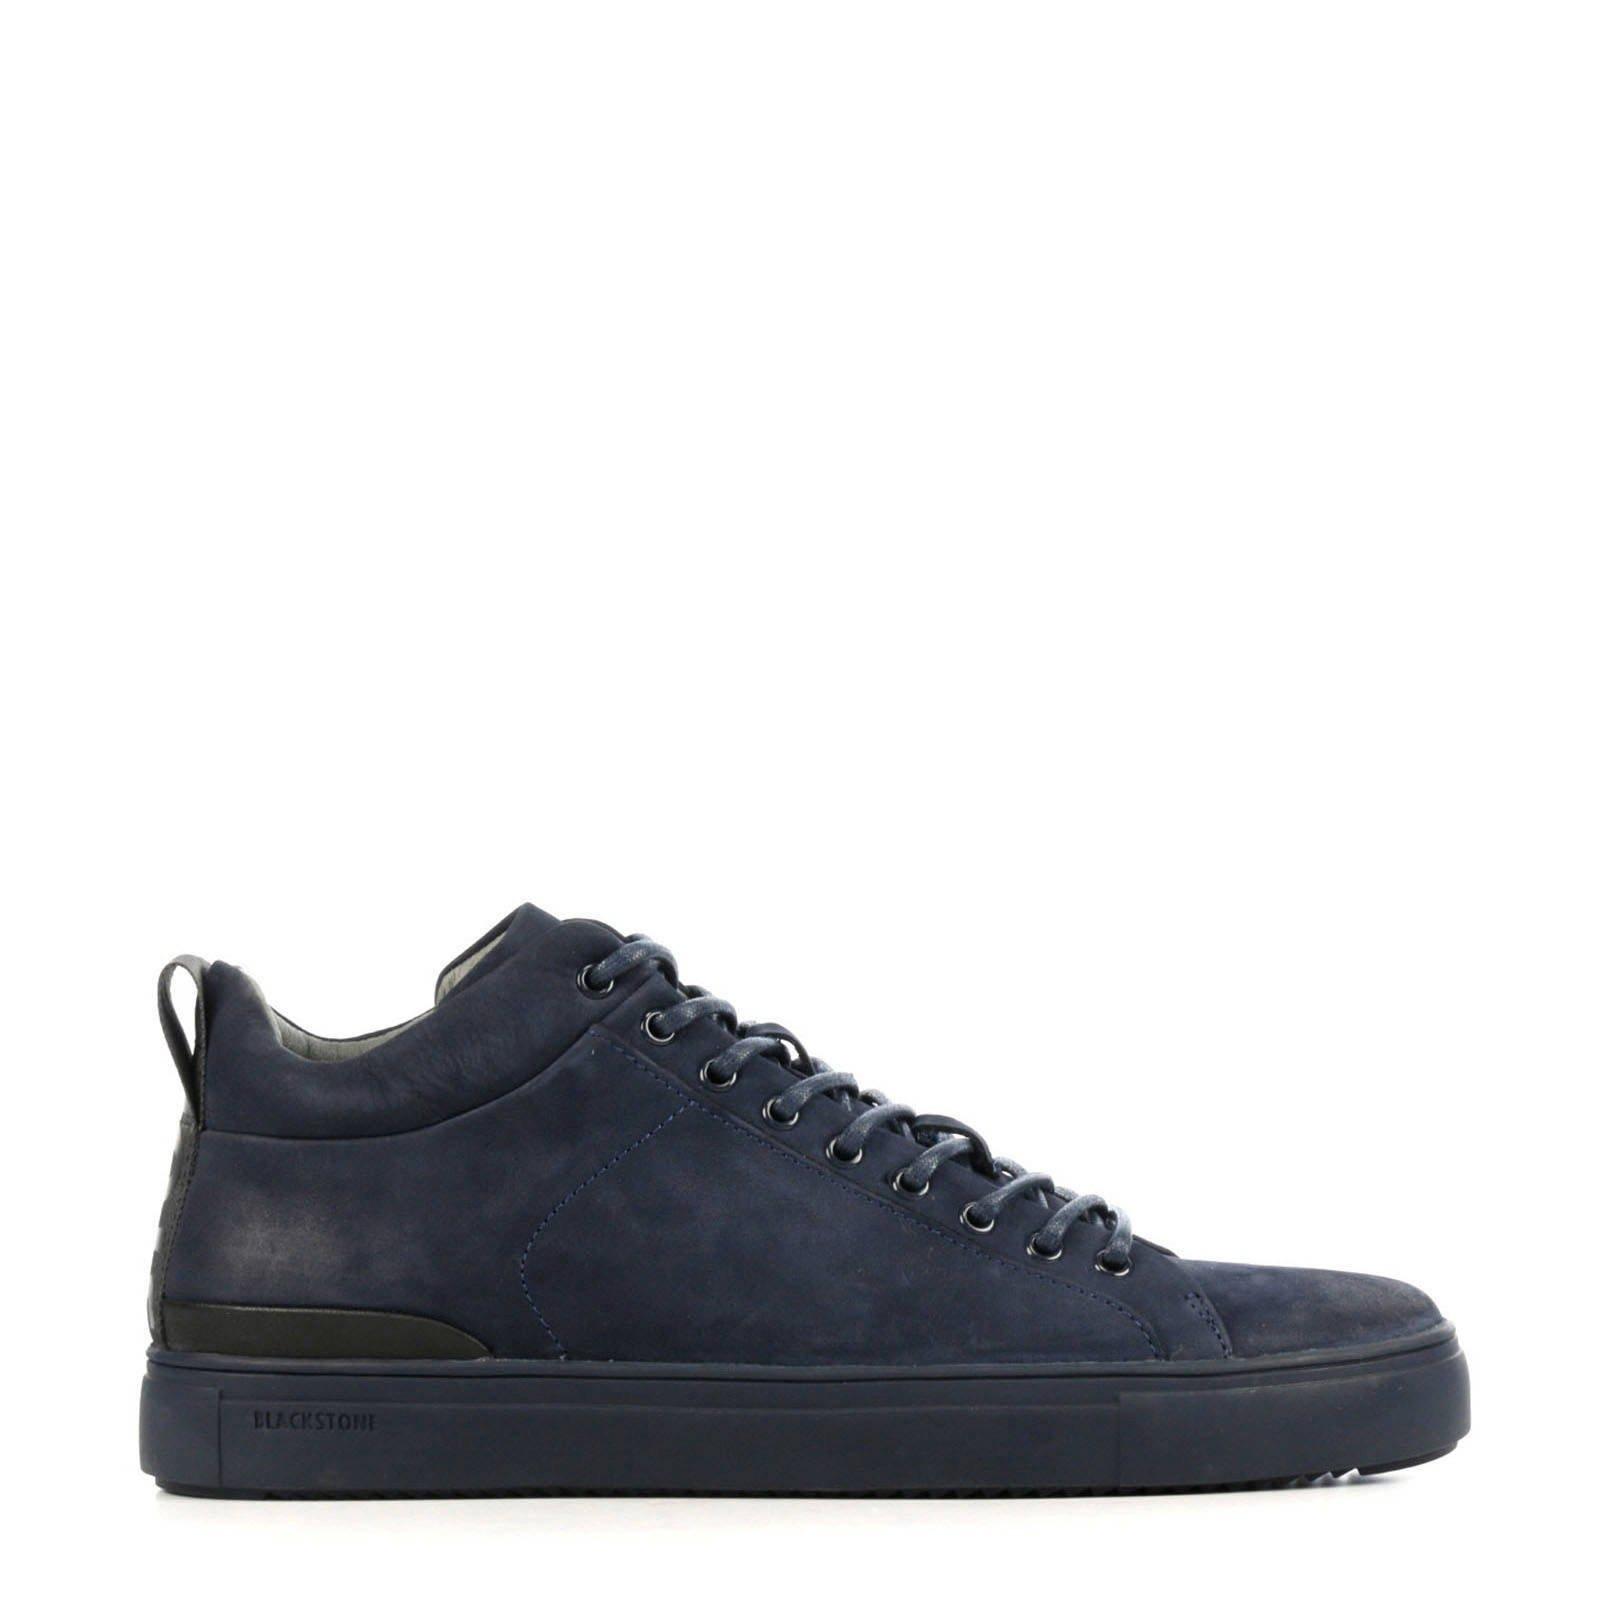 Blackstone SG19 nubuck sneakers donkerblauw online kopen